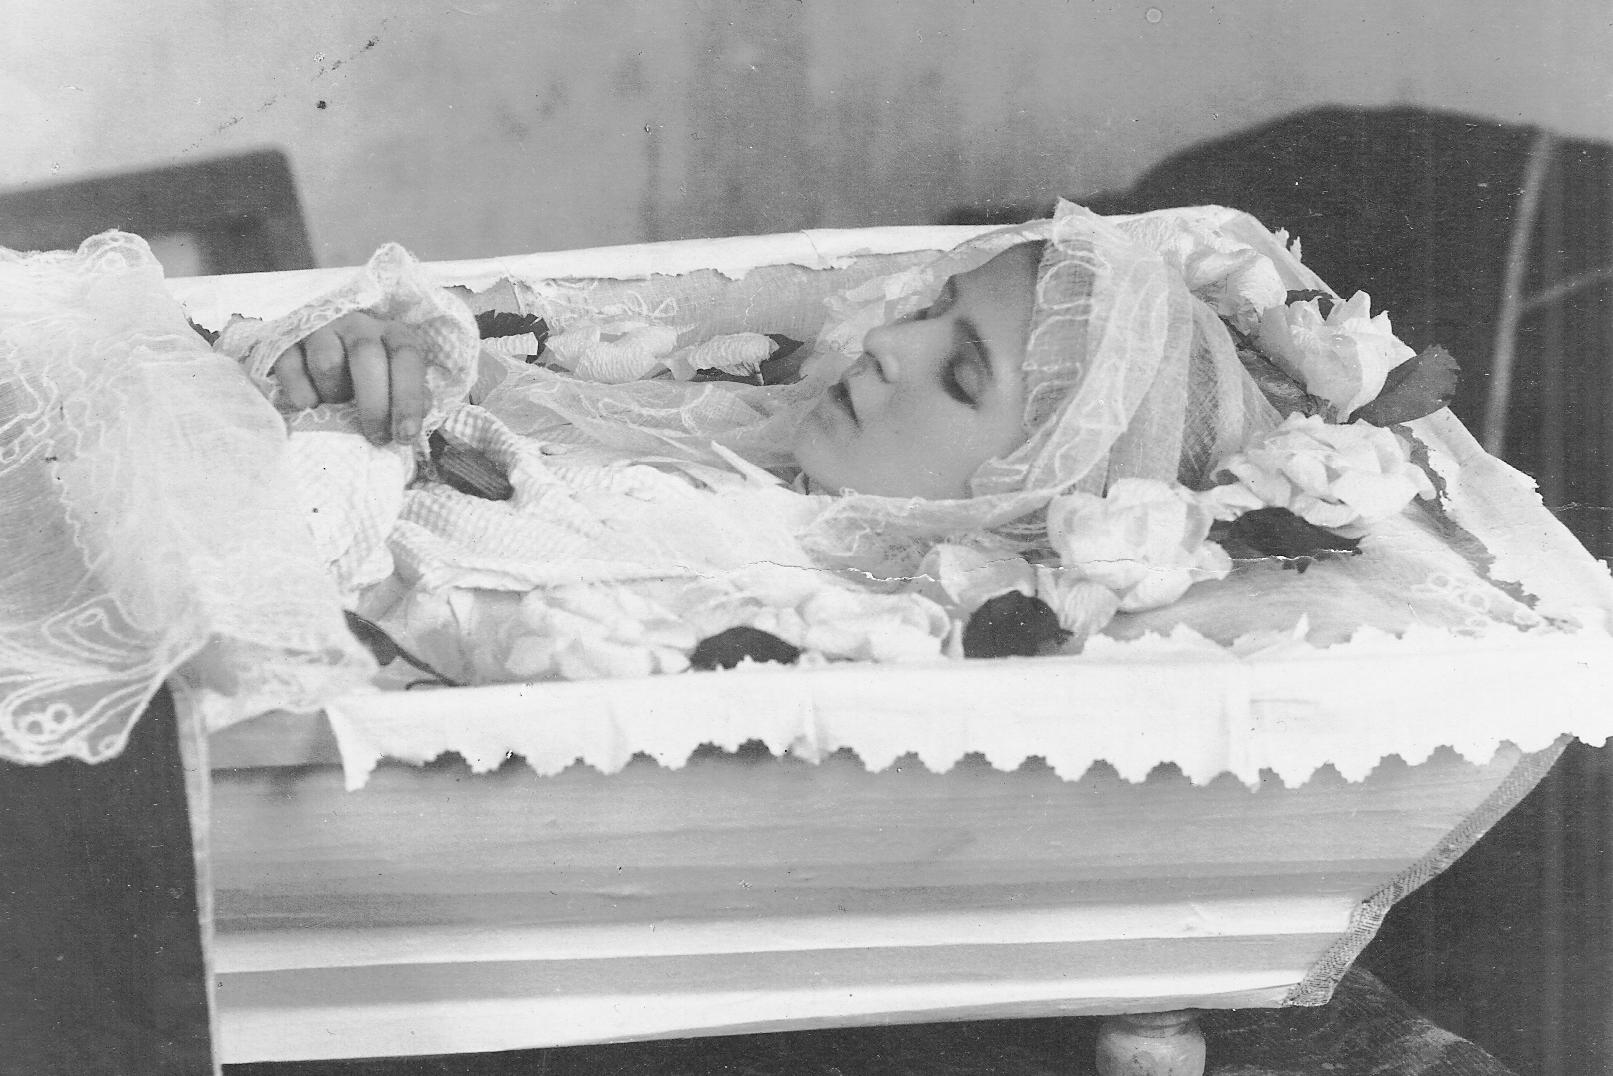 Шурочка Лётова. 18 марта 1920